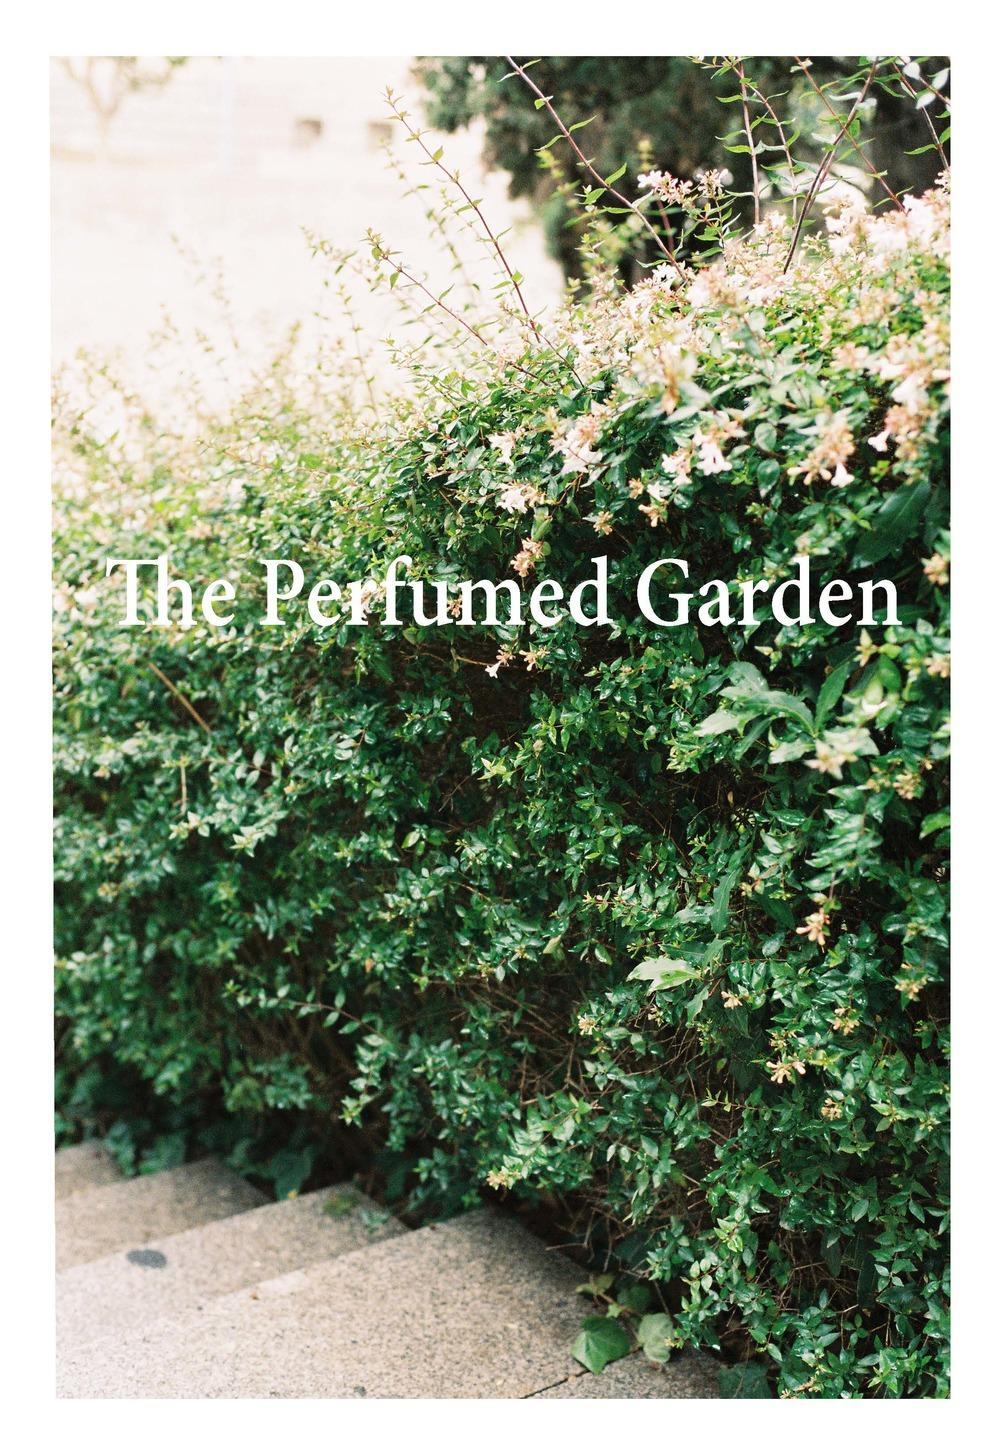 the-perfumed-garden-by-stephen-eichenbaum